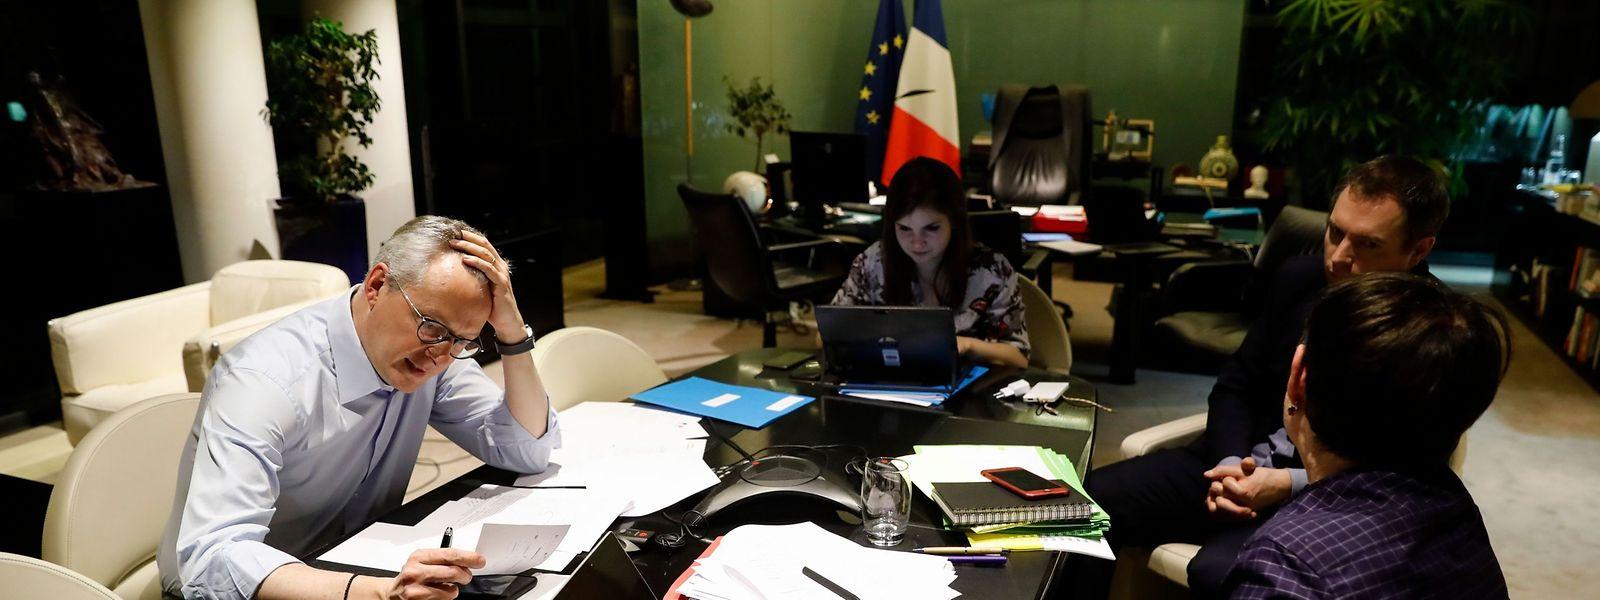 Der französische Wirtschafts- und Finanzminister Bruno Le Maire (links) telefoniert mit dem deutschen Bundesfinanzminister Olaf Scholz.